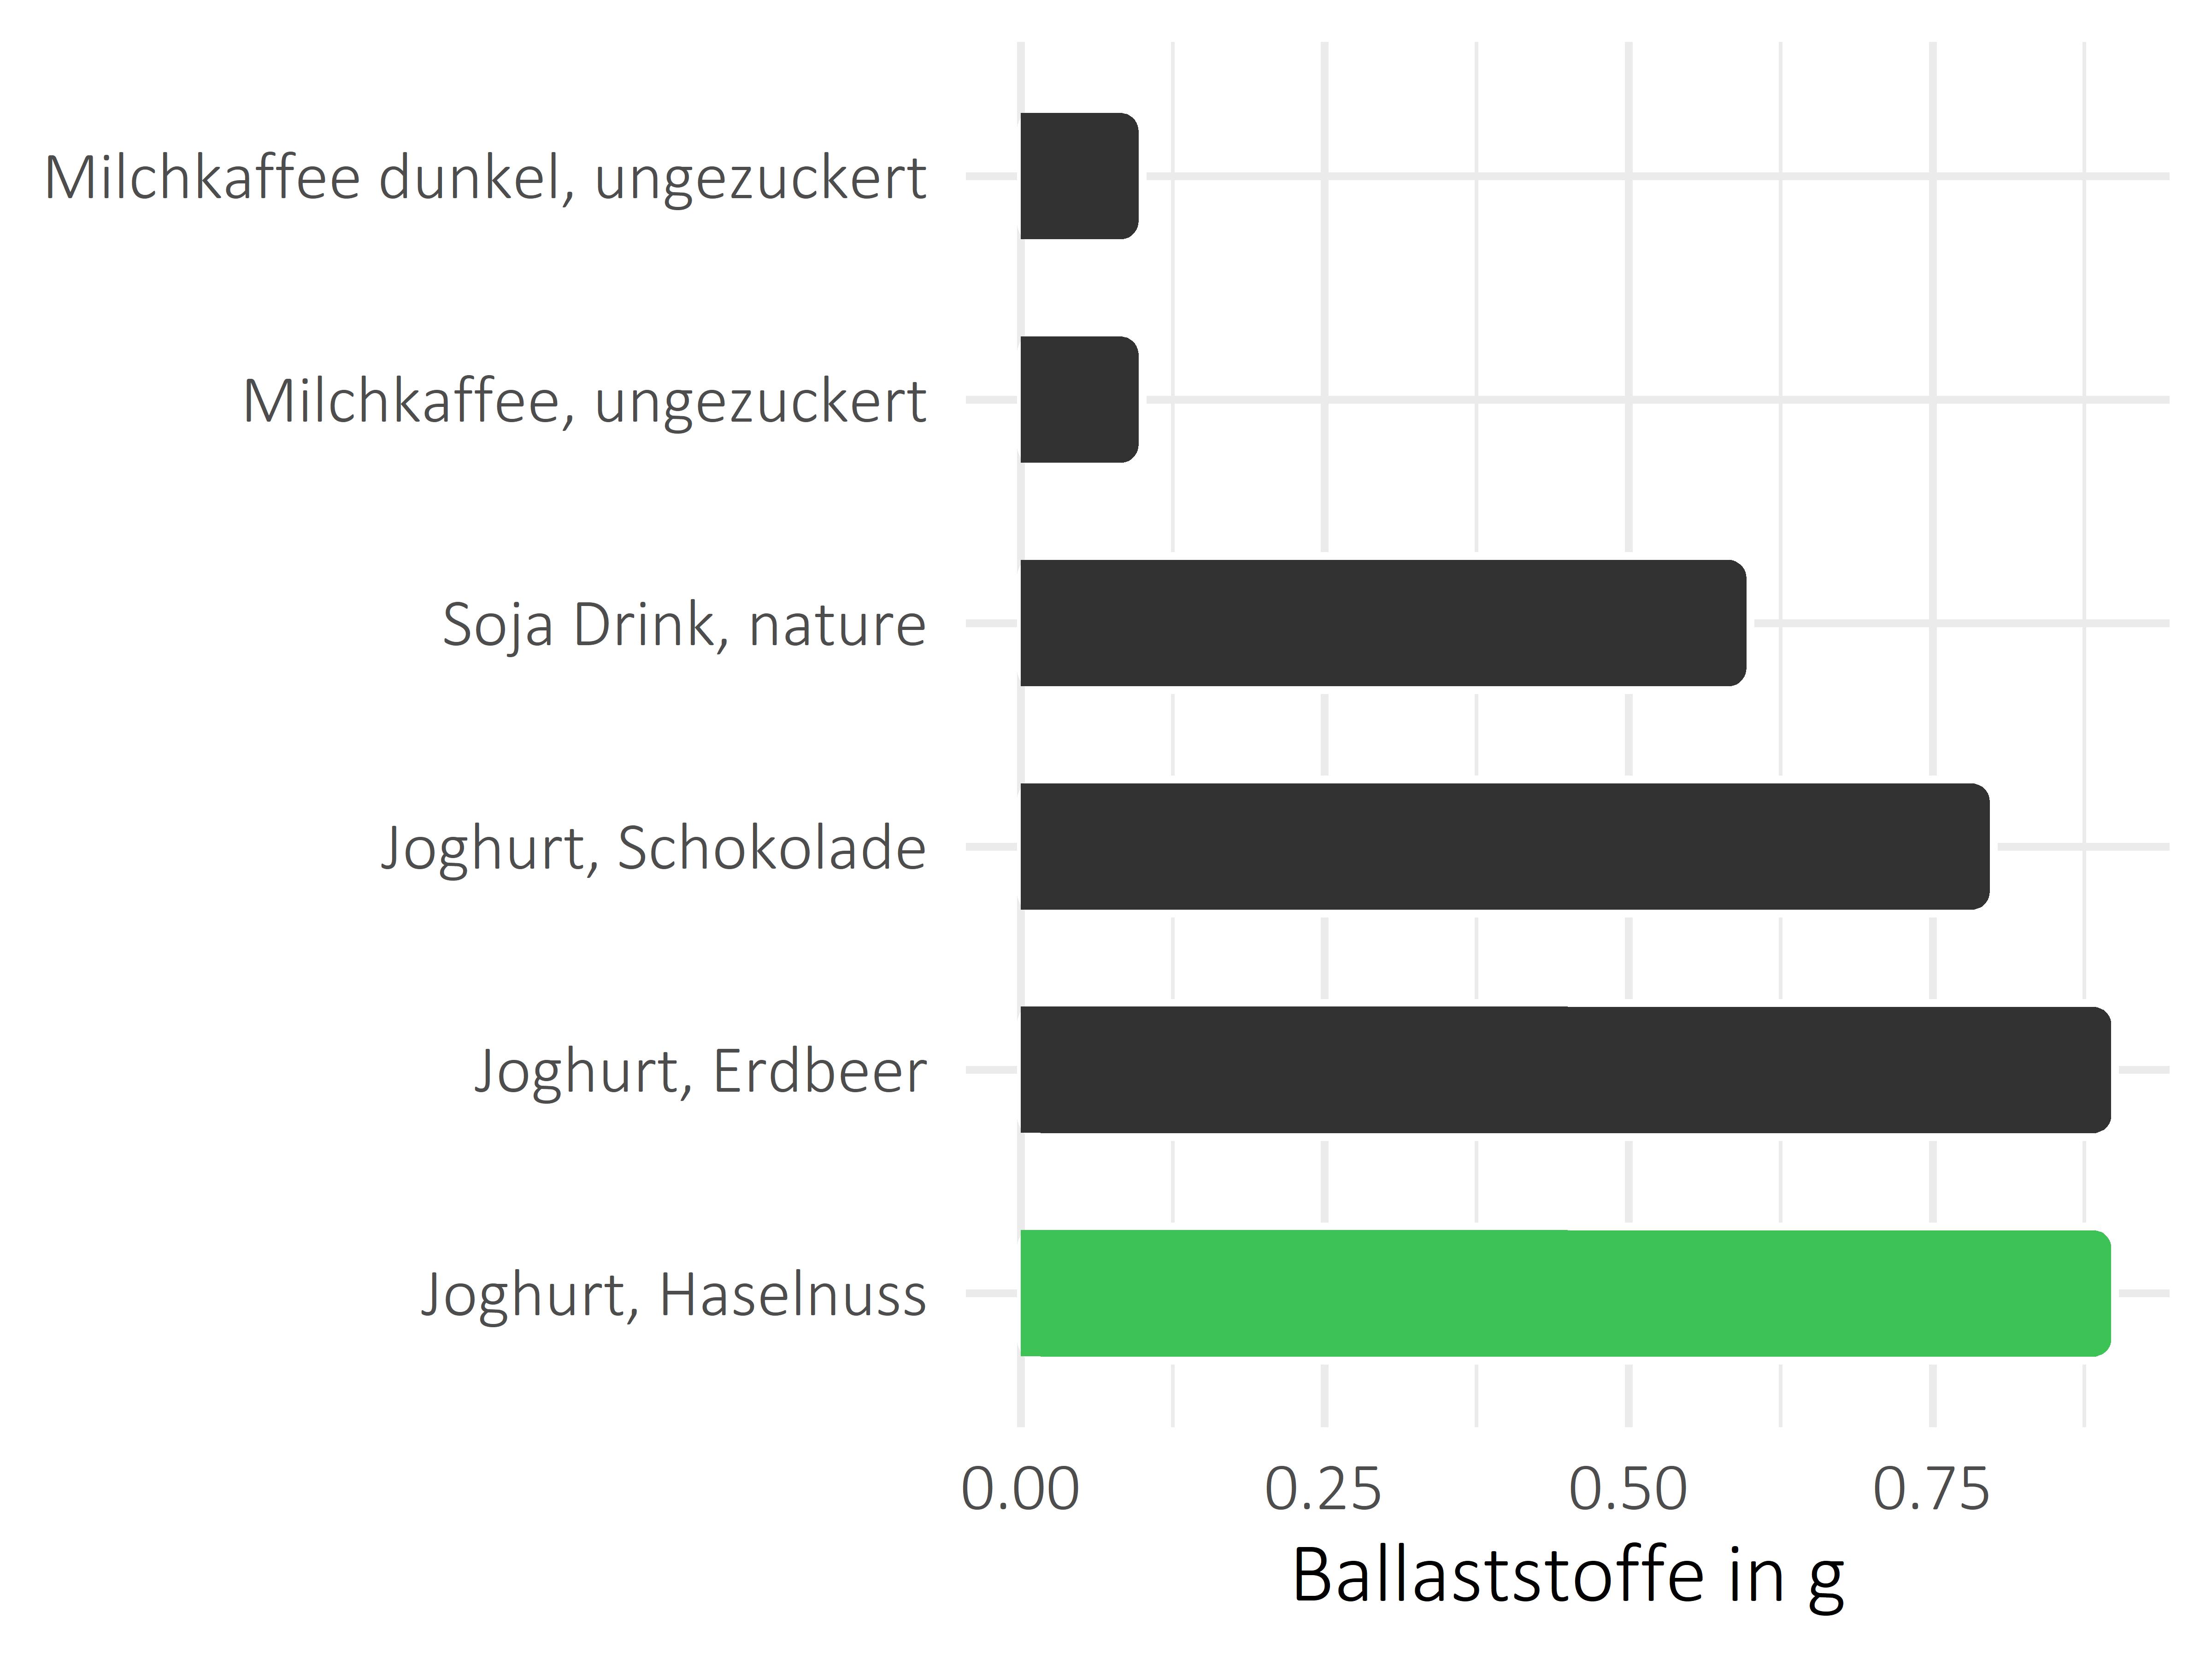 Milchprodukte Ballaststoffe